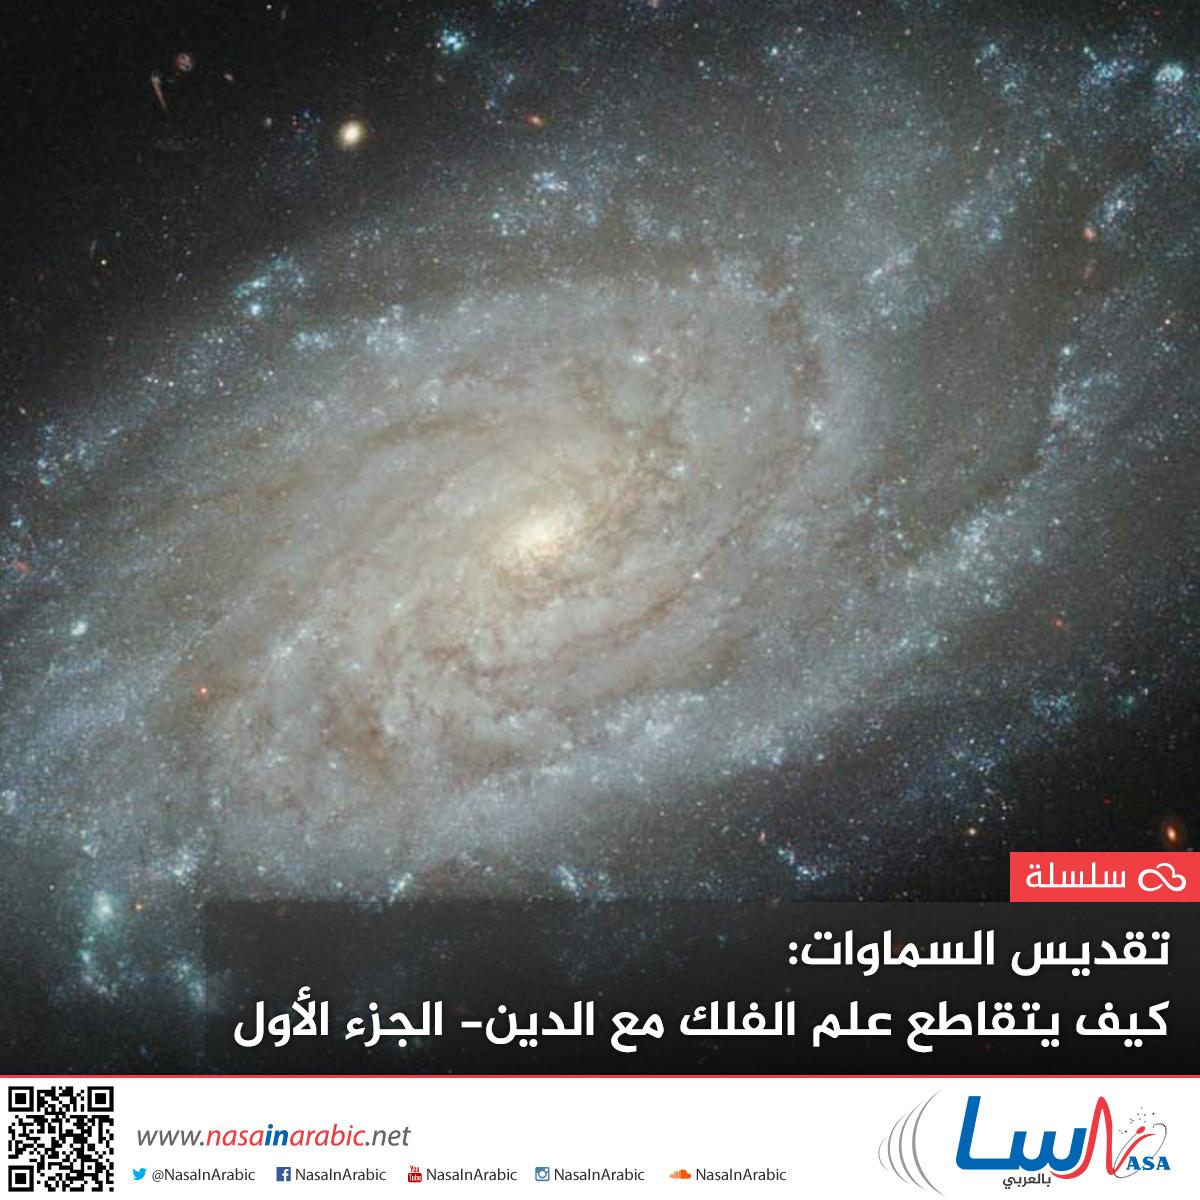 تقديس السماوات: كيف يتقاطع علم الفلك مع الدين-الجزء الأول